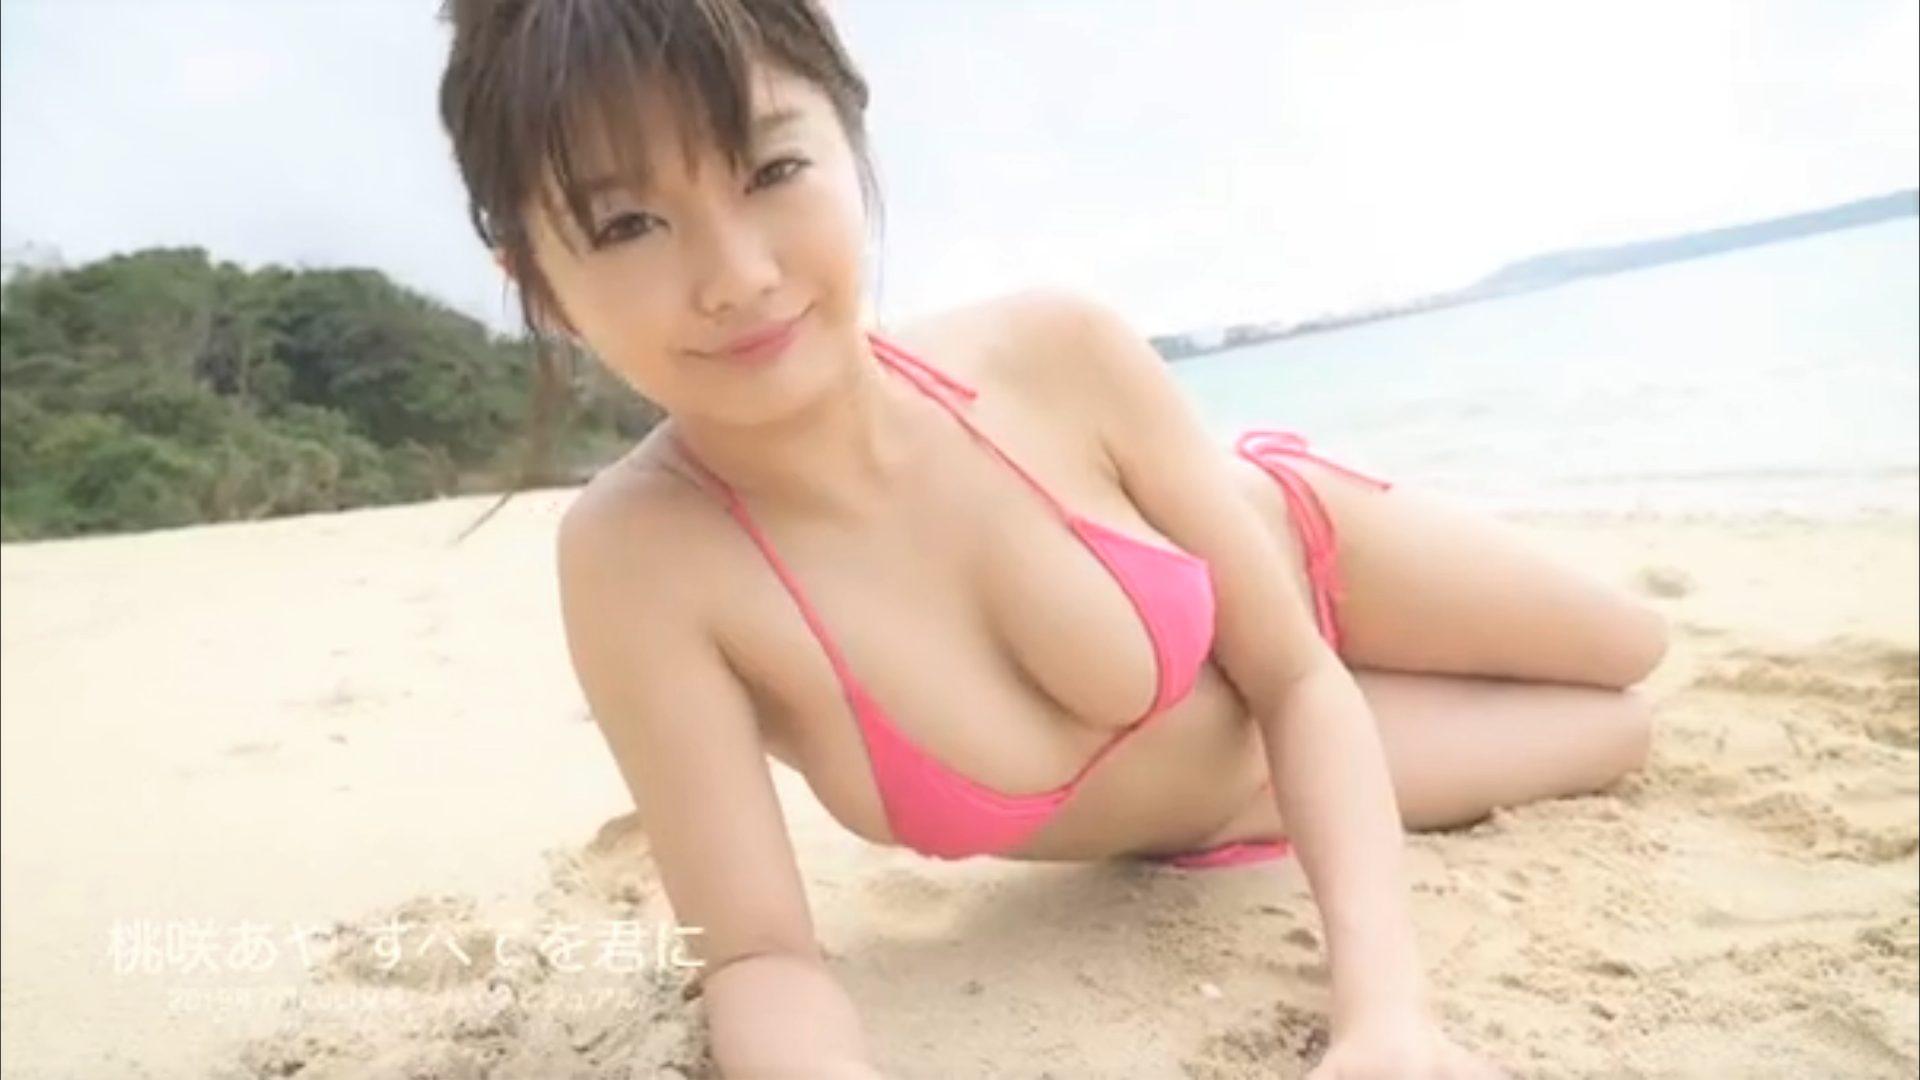 【藤田もも(桃咲あや)】Fカップ2 「すべてを君に」サンプル動画